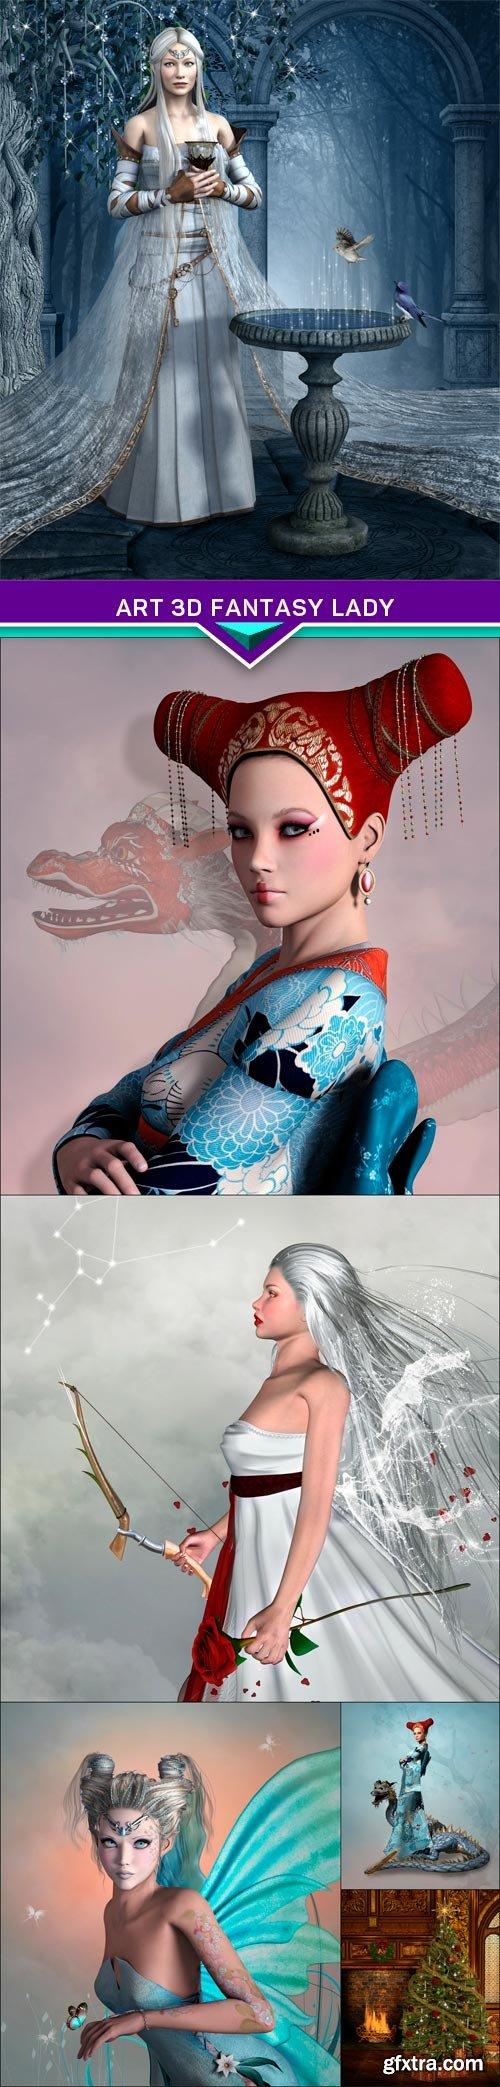 Art 3d fantasy lady 6X JPEG